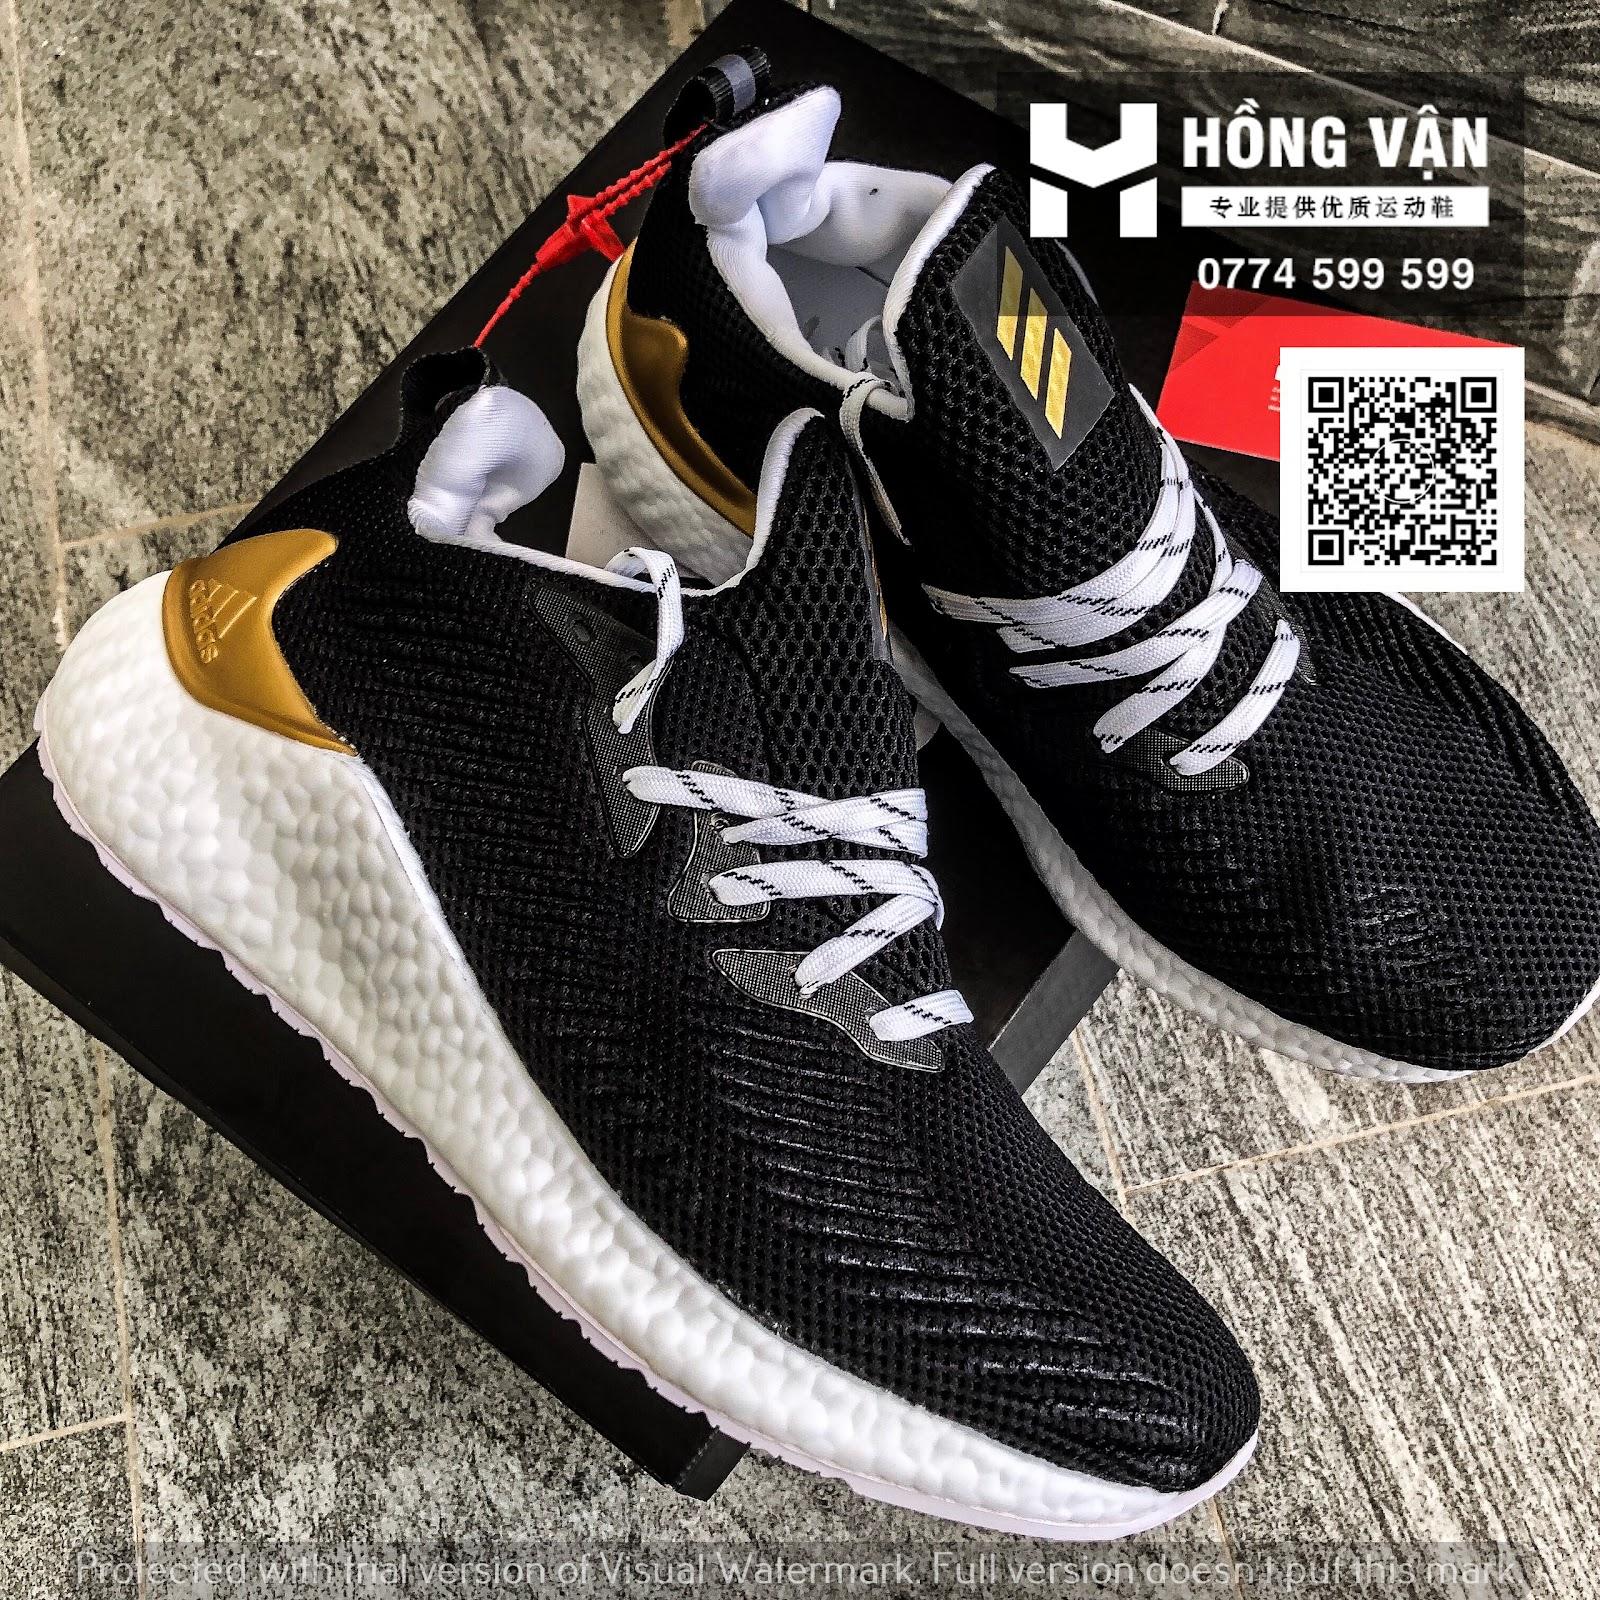 Hồng Vận - Nhà buôn sỉ giày thể thao và kèm theo những phụ kiện thể th - 2